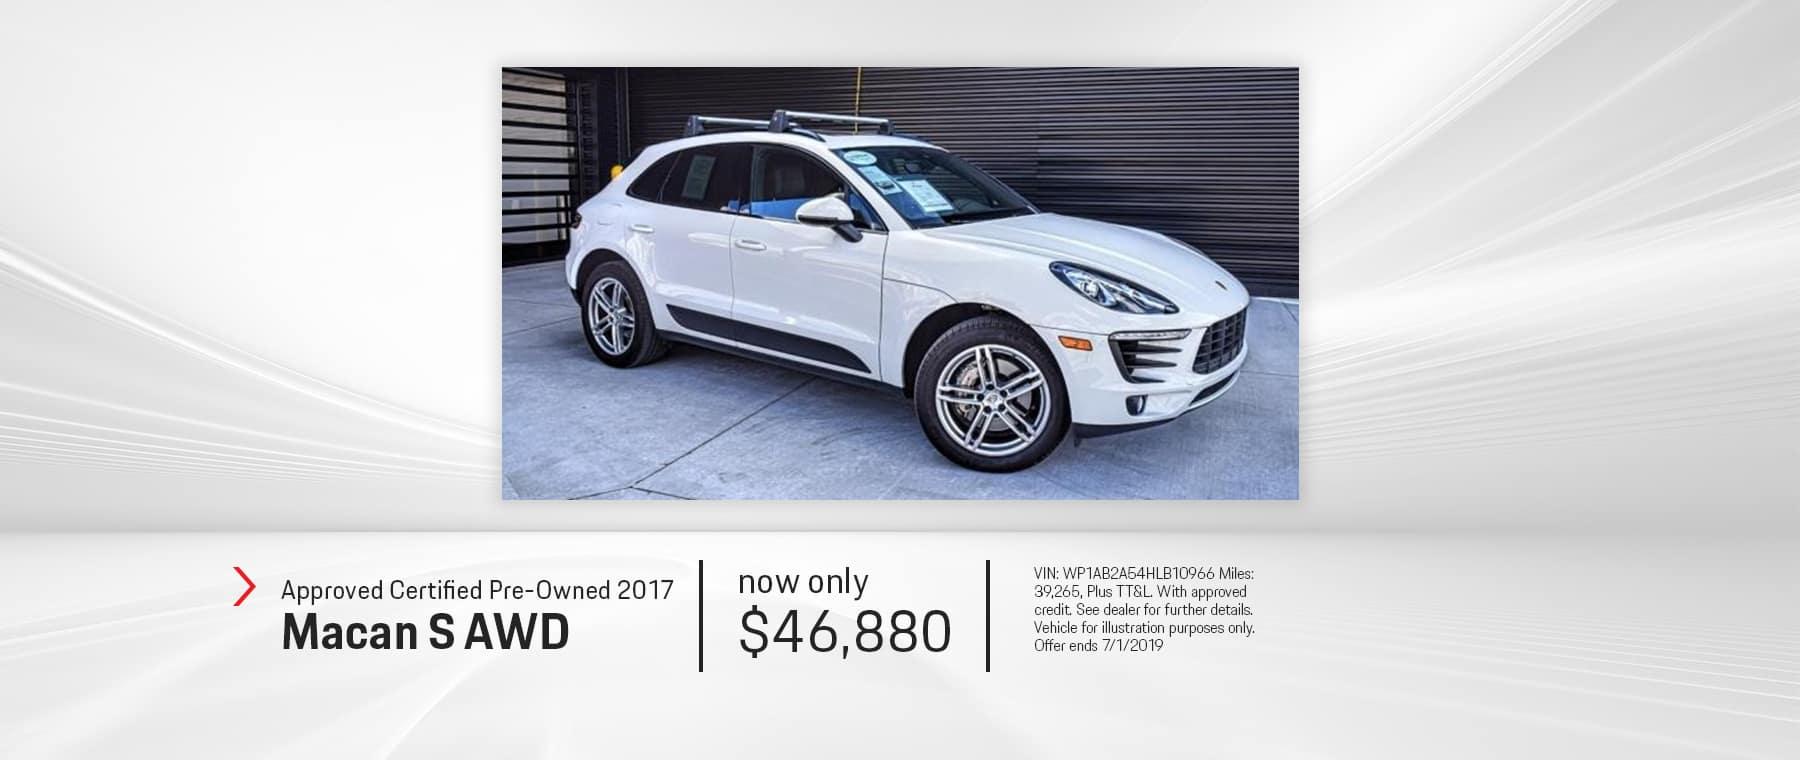 2017_Porsche_Macan_S_AWD_El_Paso_Texas